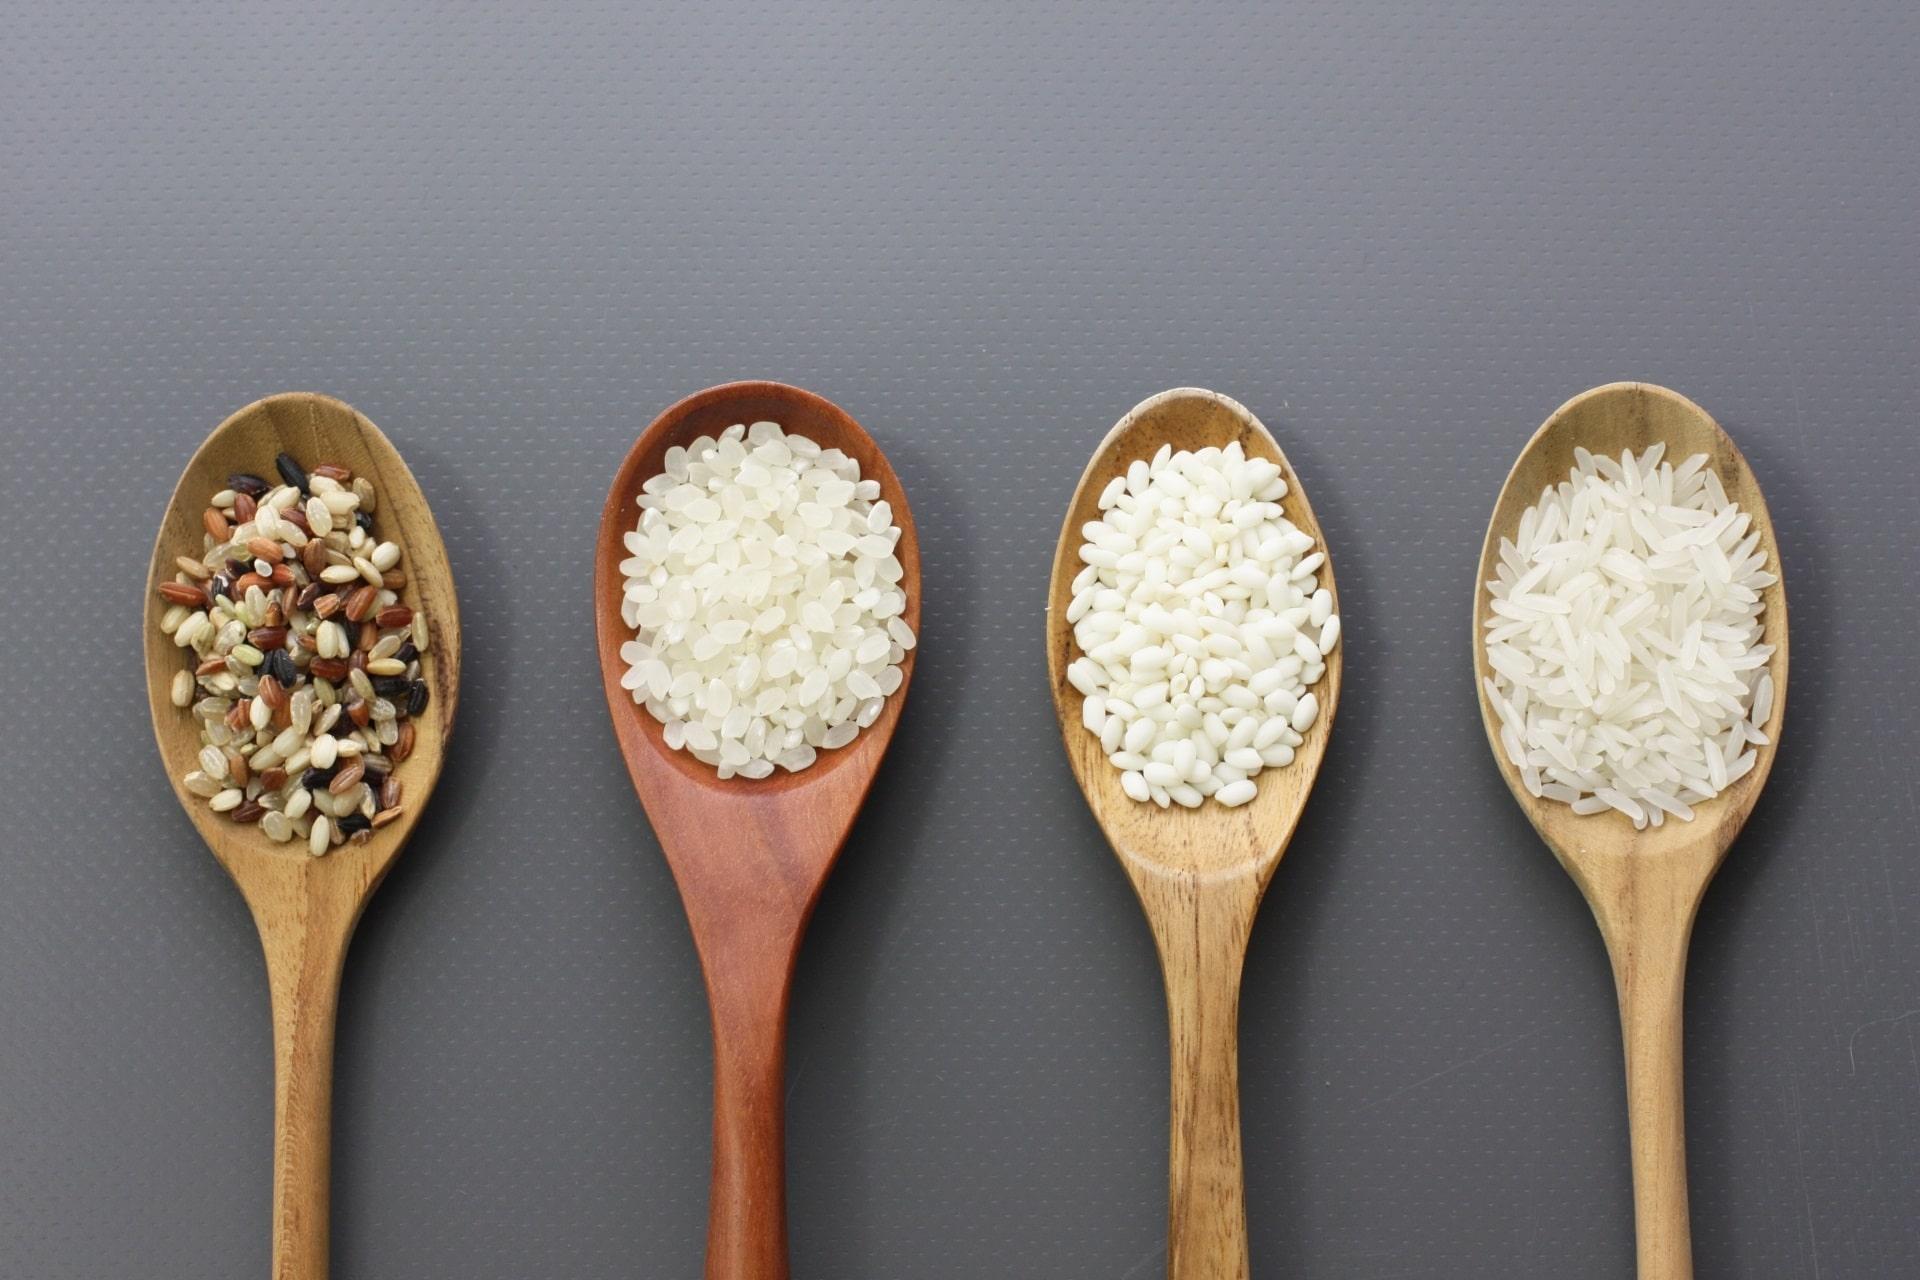 糖質の摂取目安は何g?糖質制限をする前に必ず知っておきたいこと